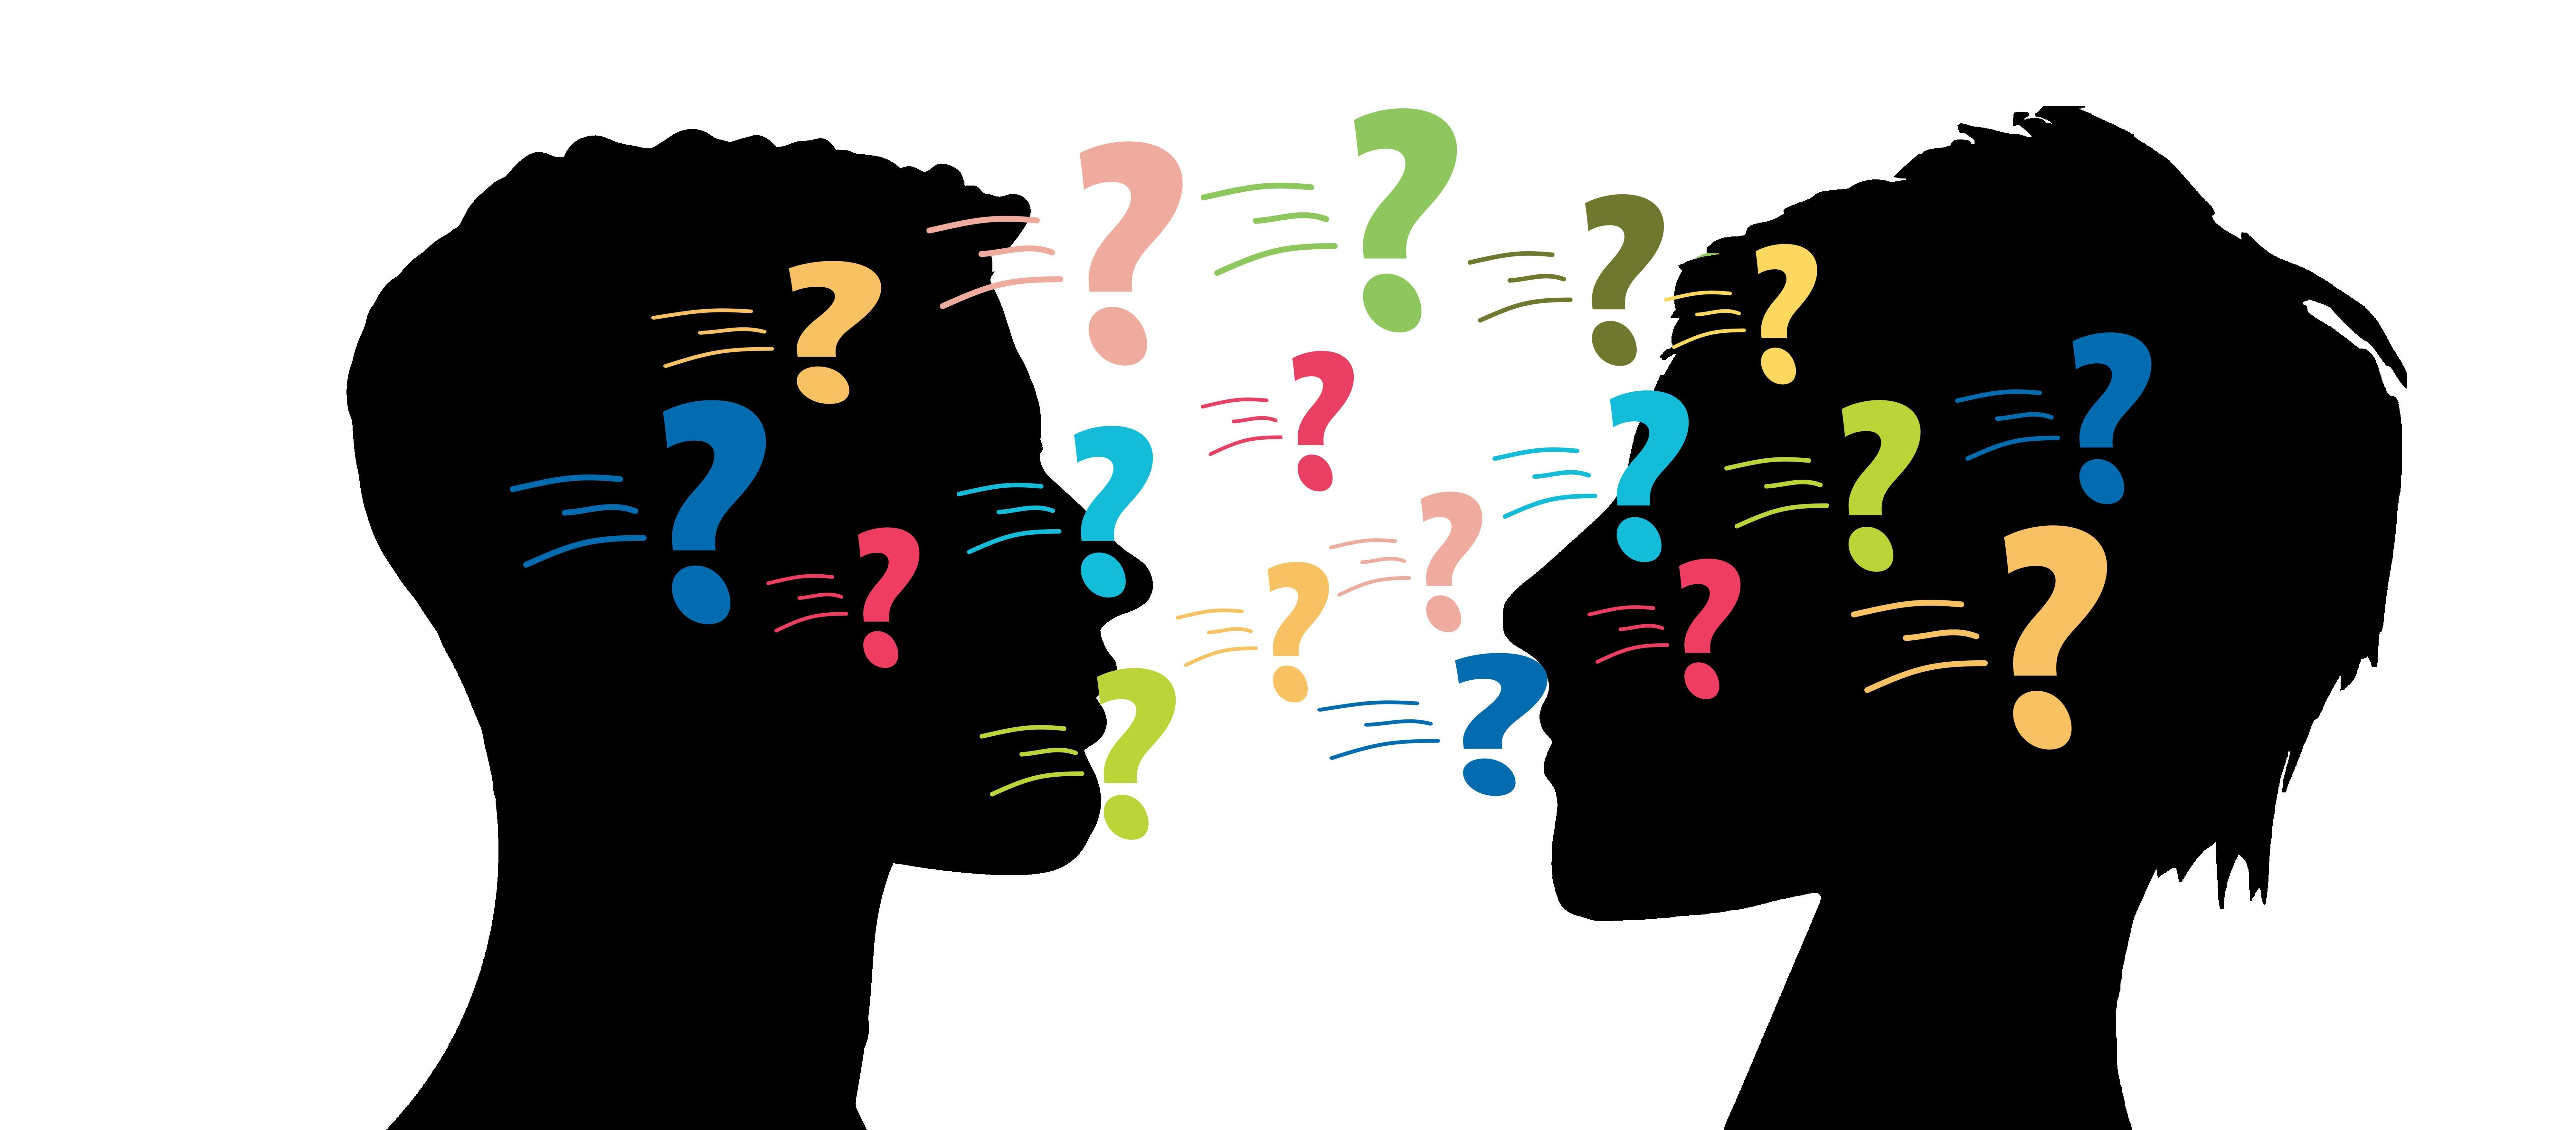 Люди оценивают искренность ответов на вопросы по скорости отклика